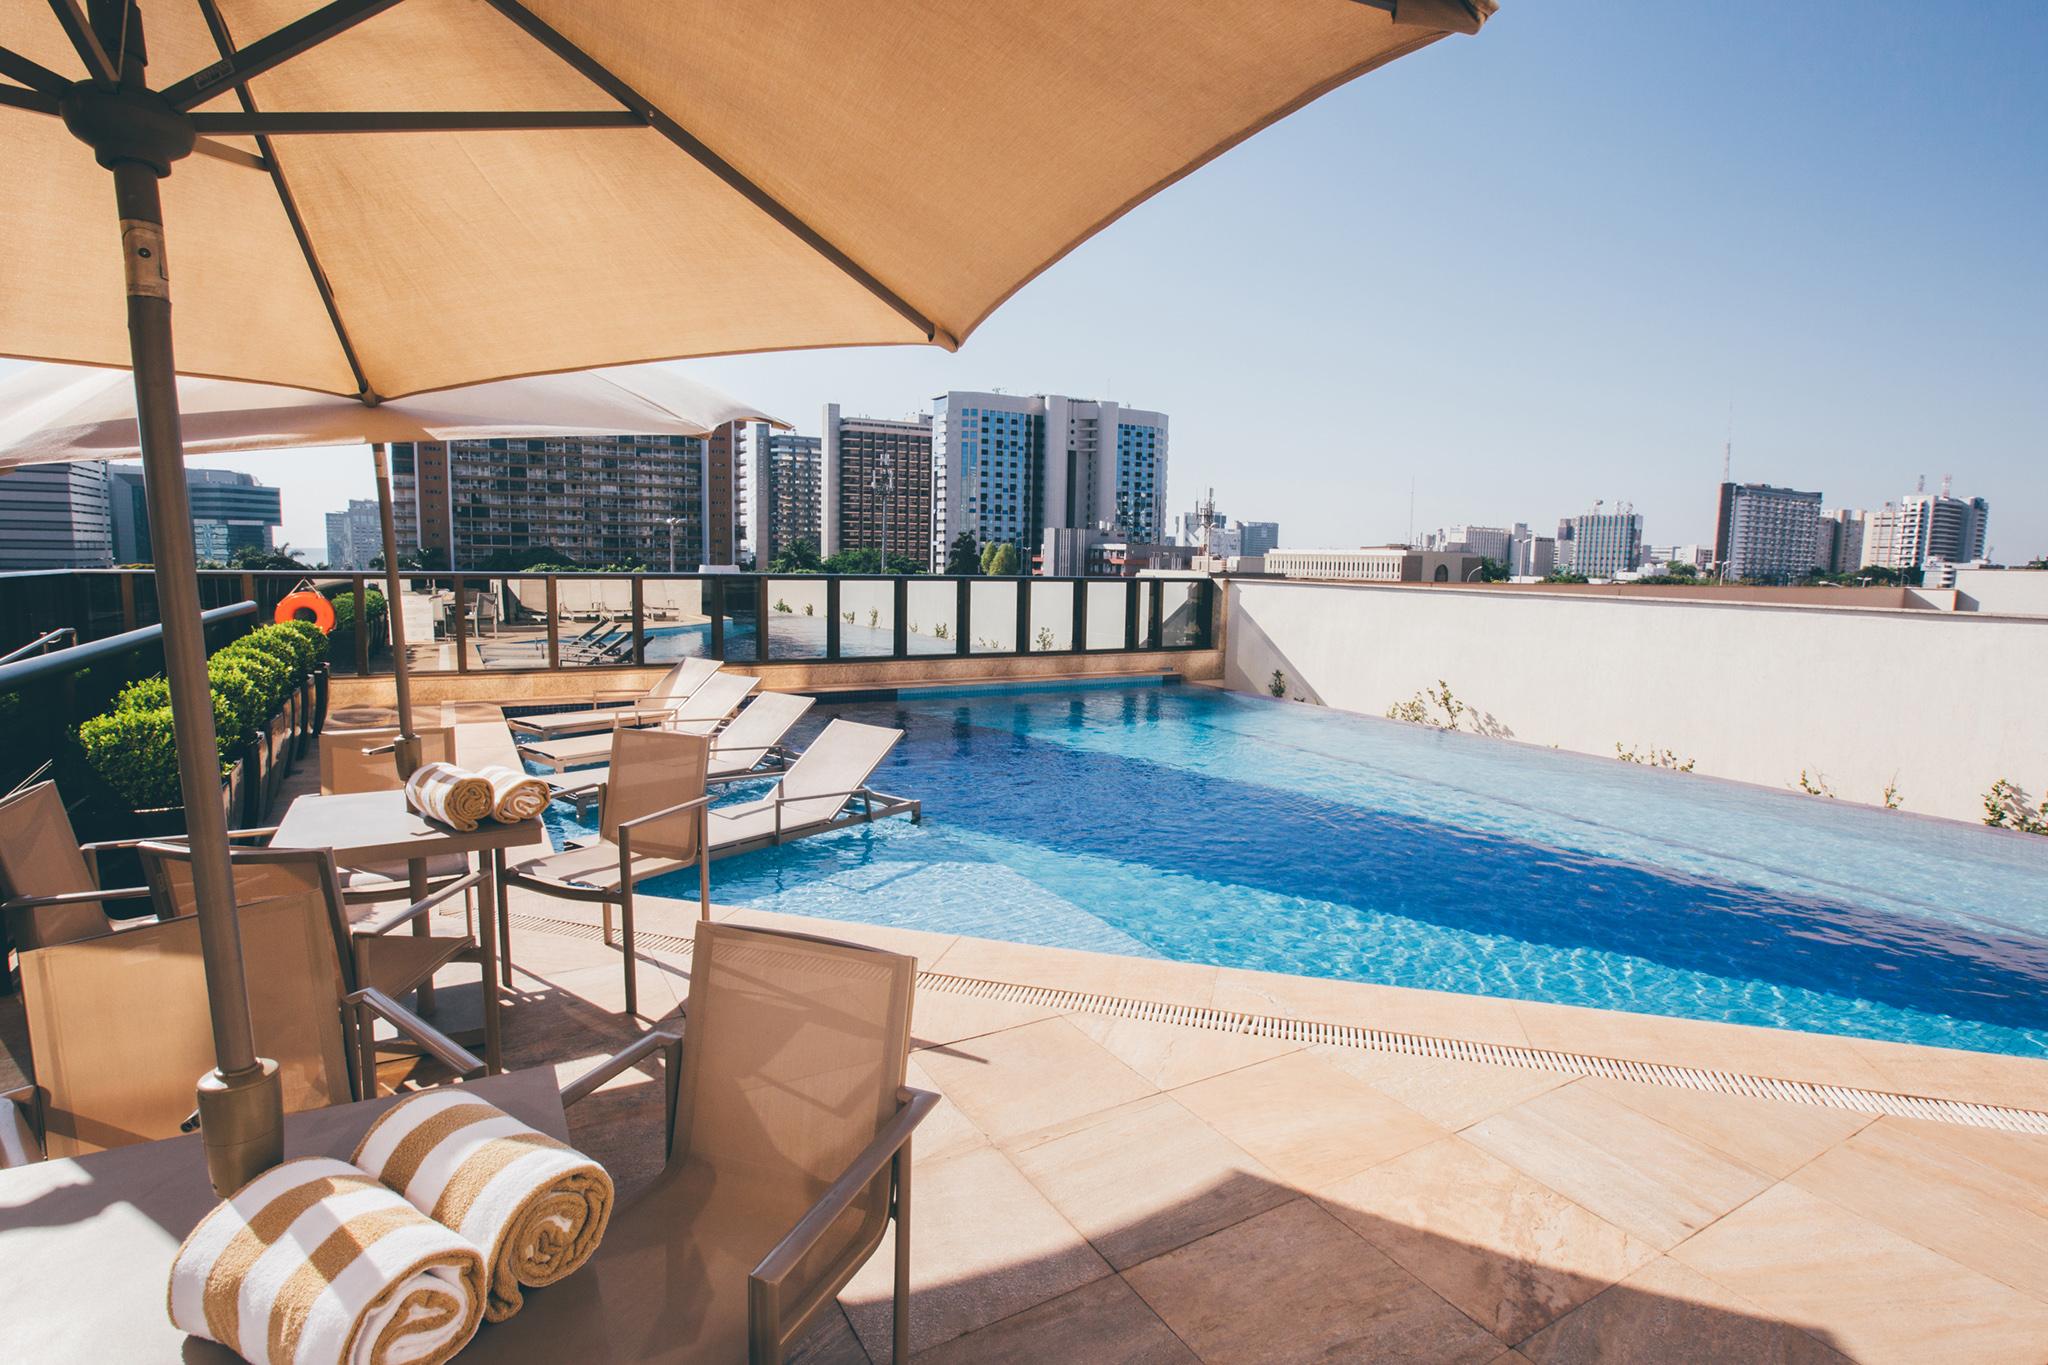 cullinan-hplus-premium-em-brasilia-piscina (4)